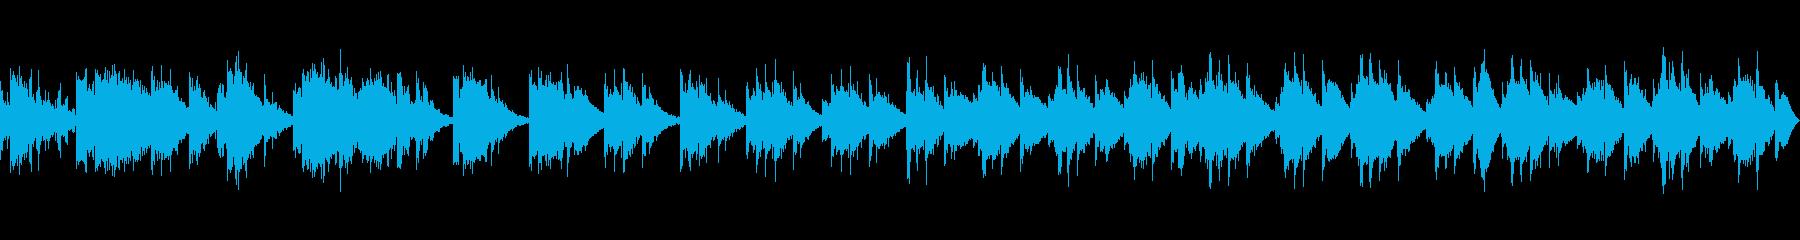 トランペットによる哲学的で神秘的なジャズの再生済みの波形